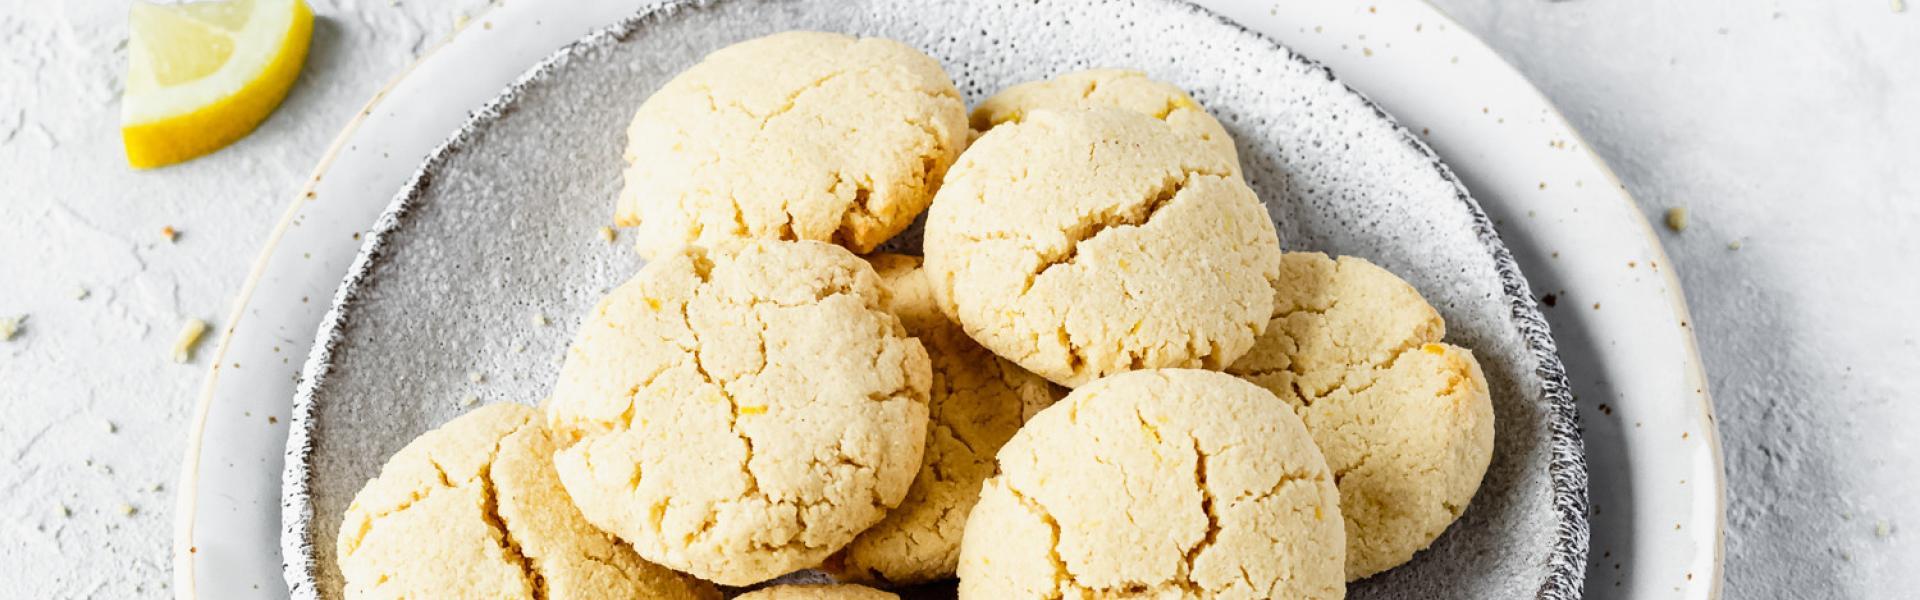 Mehrere Low Carb Zitronen-Frischkäse-Kekse auf Tellern.